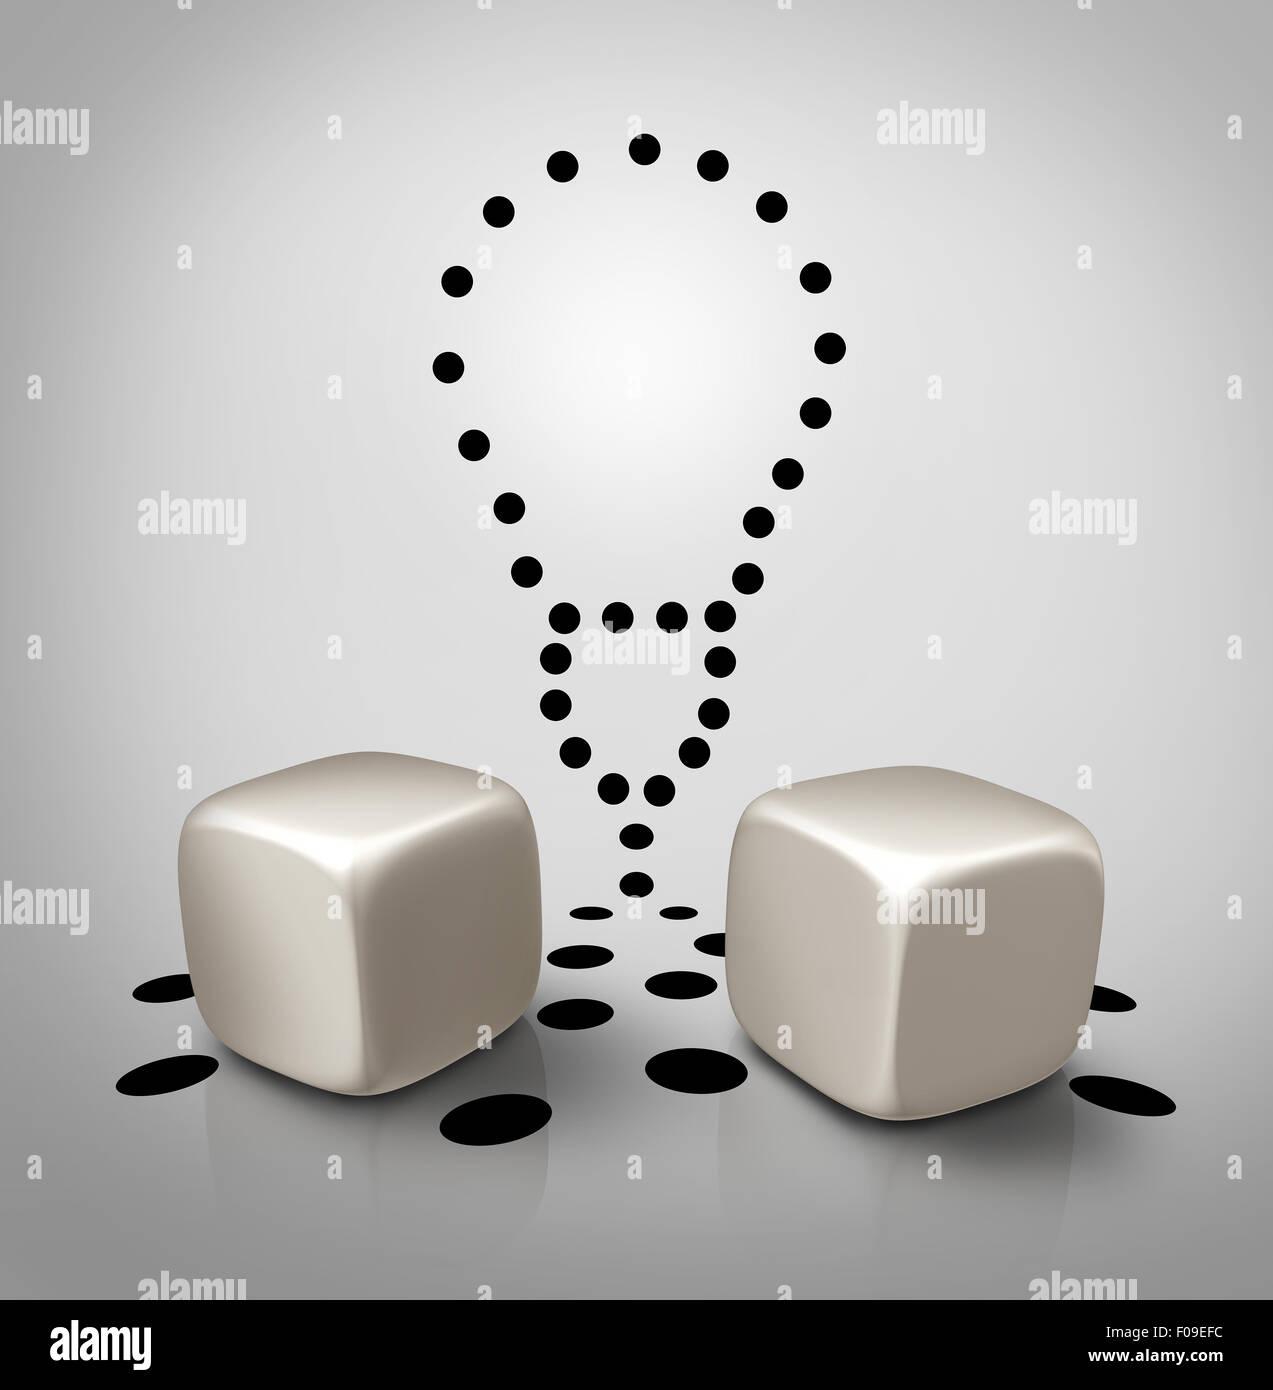 Venture idea e invención icono concepto dados con manchas en forma de una bombilla como símbolo de una Imagen De Stock